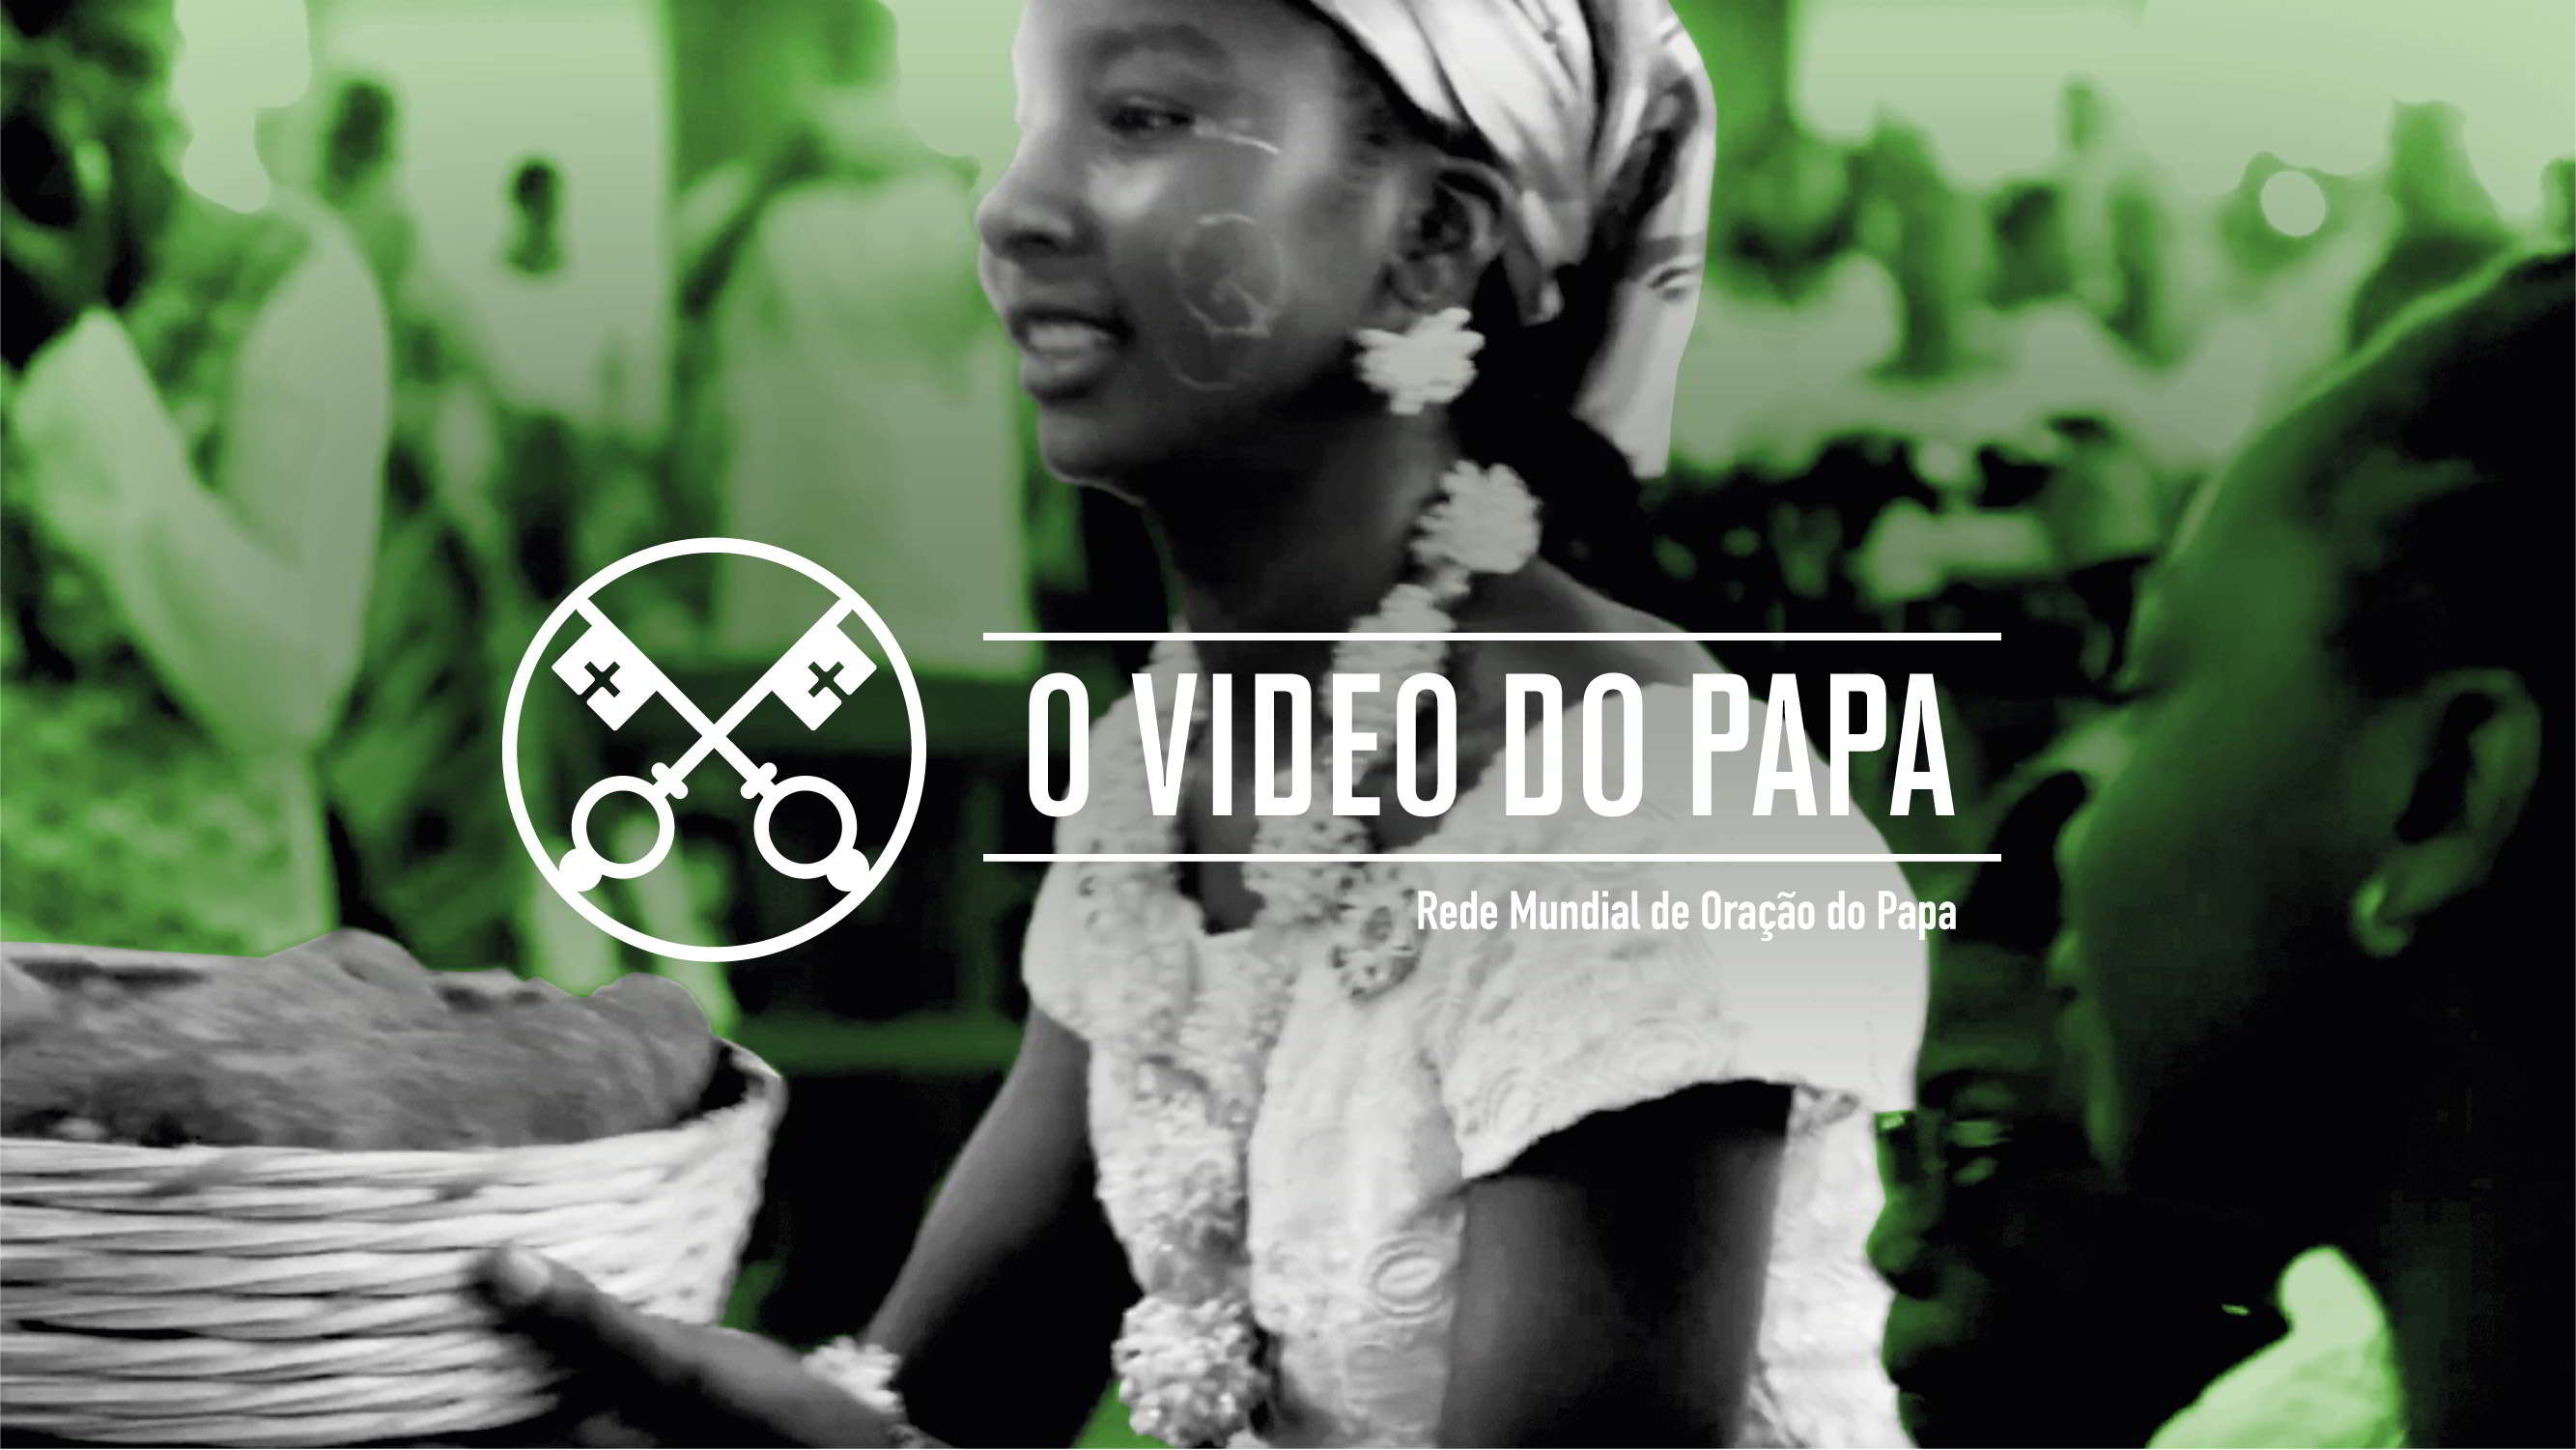 Official-Image-TPV-5-2019-4-PT-A-Igreja-na-Africa